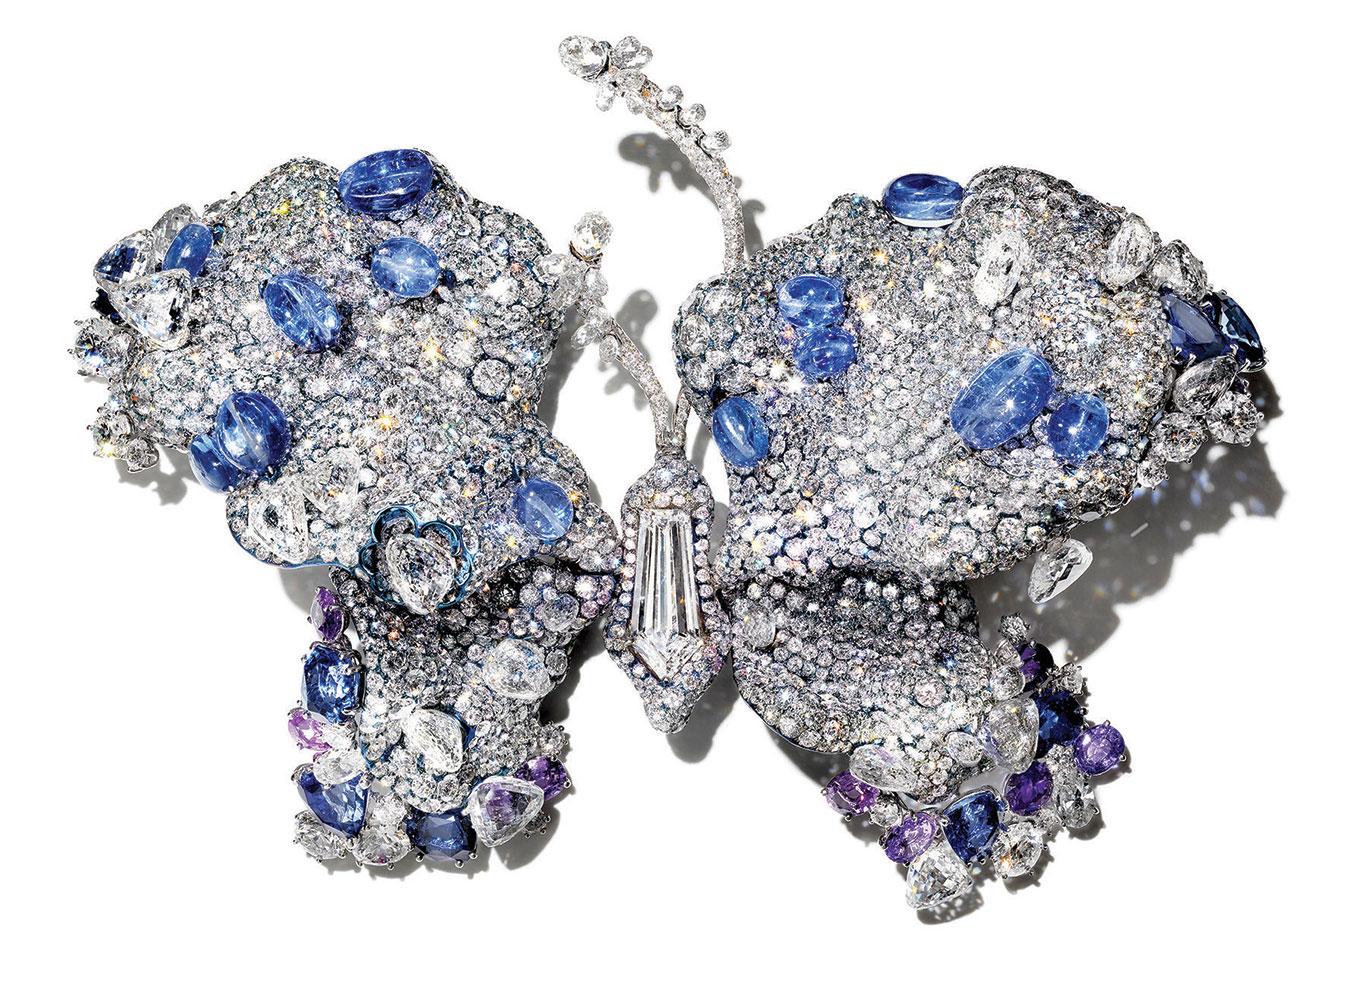 4 điều bạn cần biết để chọn mua đá sapphire xanh lam cao cấp 1